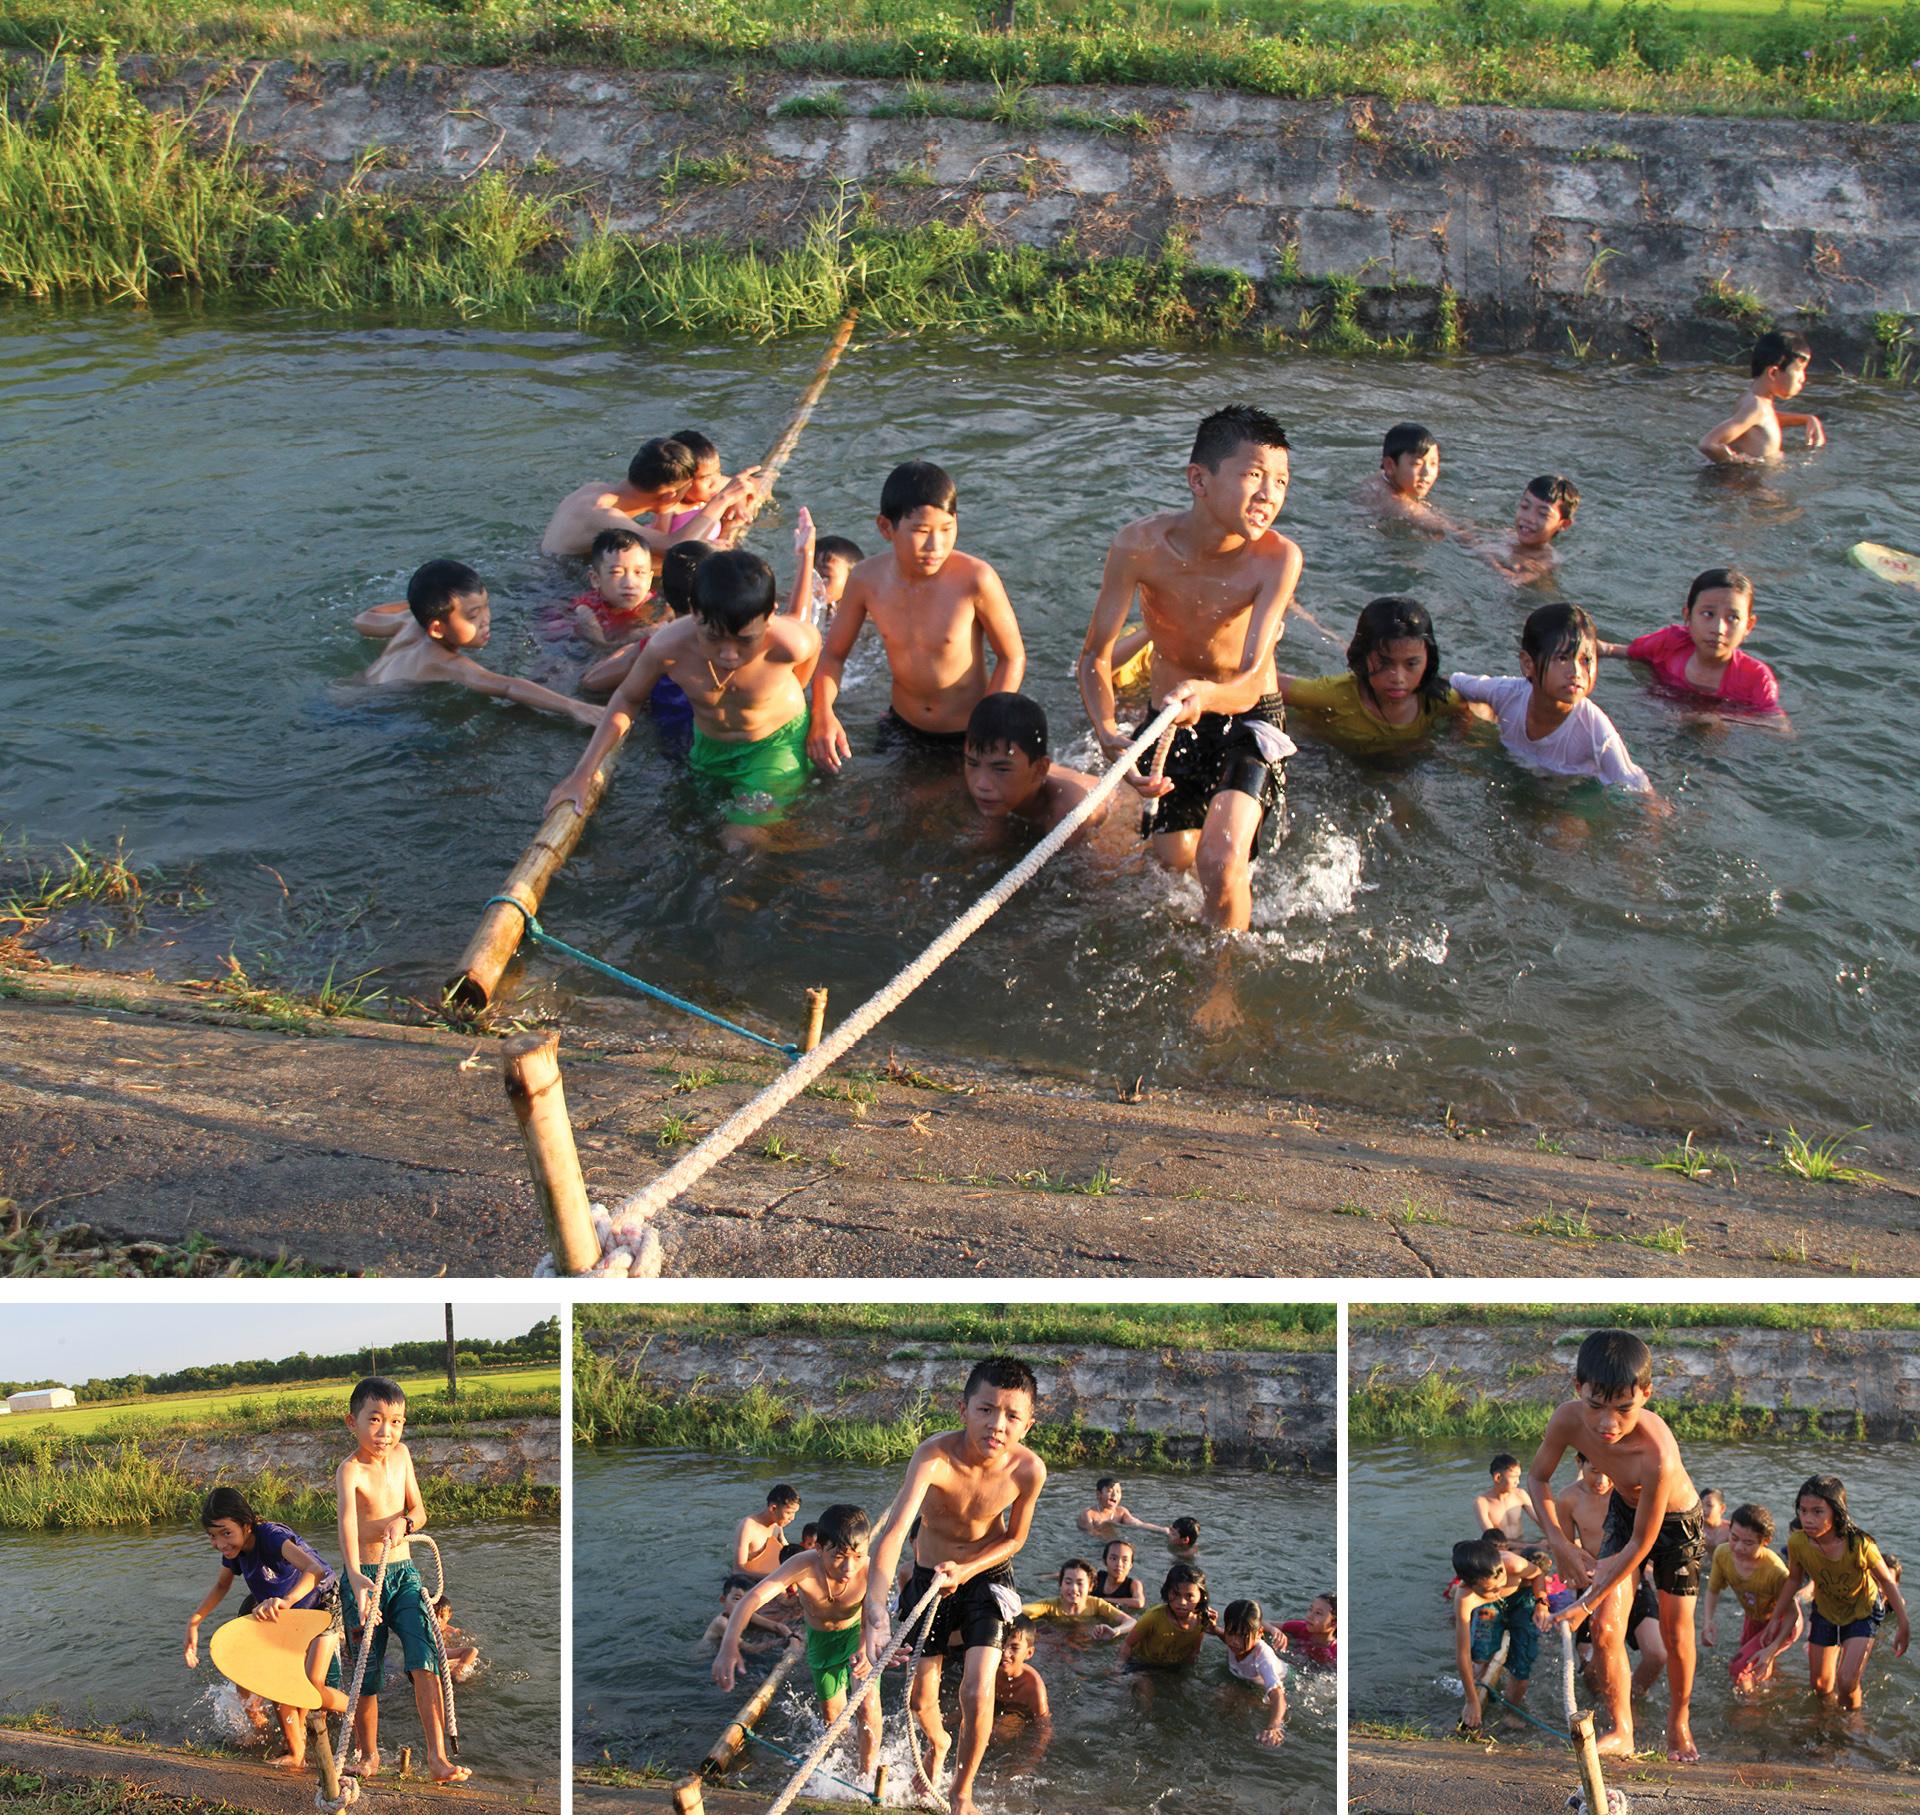 Thầy giáo 'nắn' dòng kênh thủy lợi mở lớp dạy bơi miễn phí ảnh 13